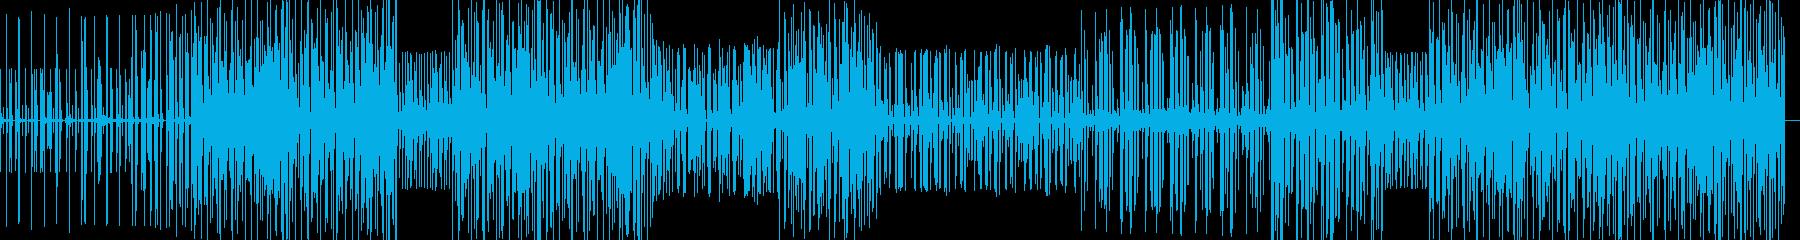 踊れるHIPHOPインストの再生済みの波形